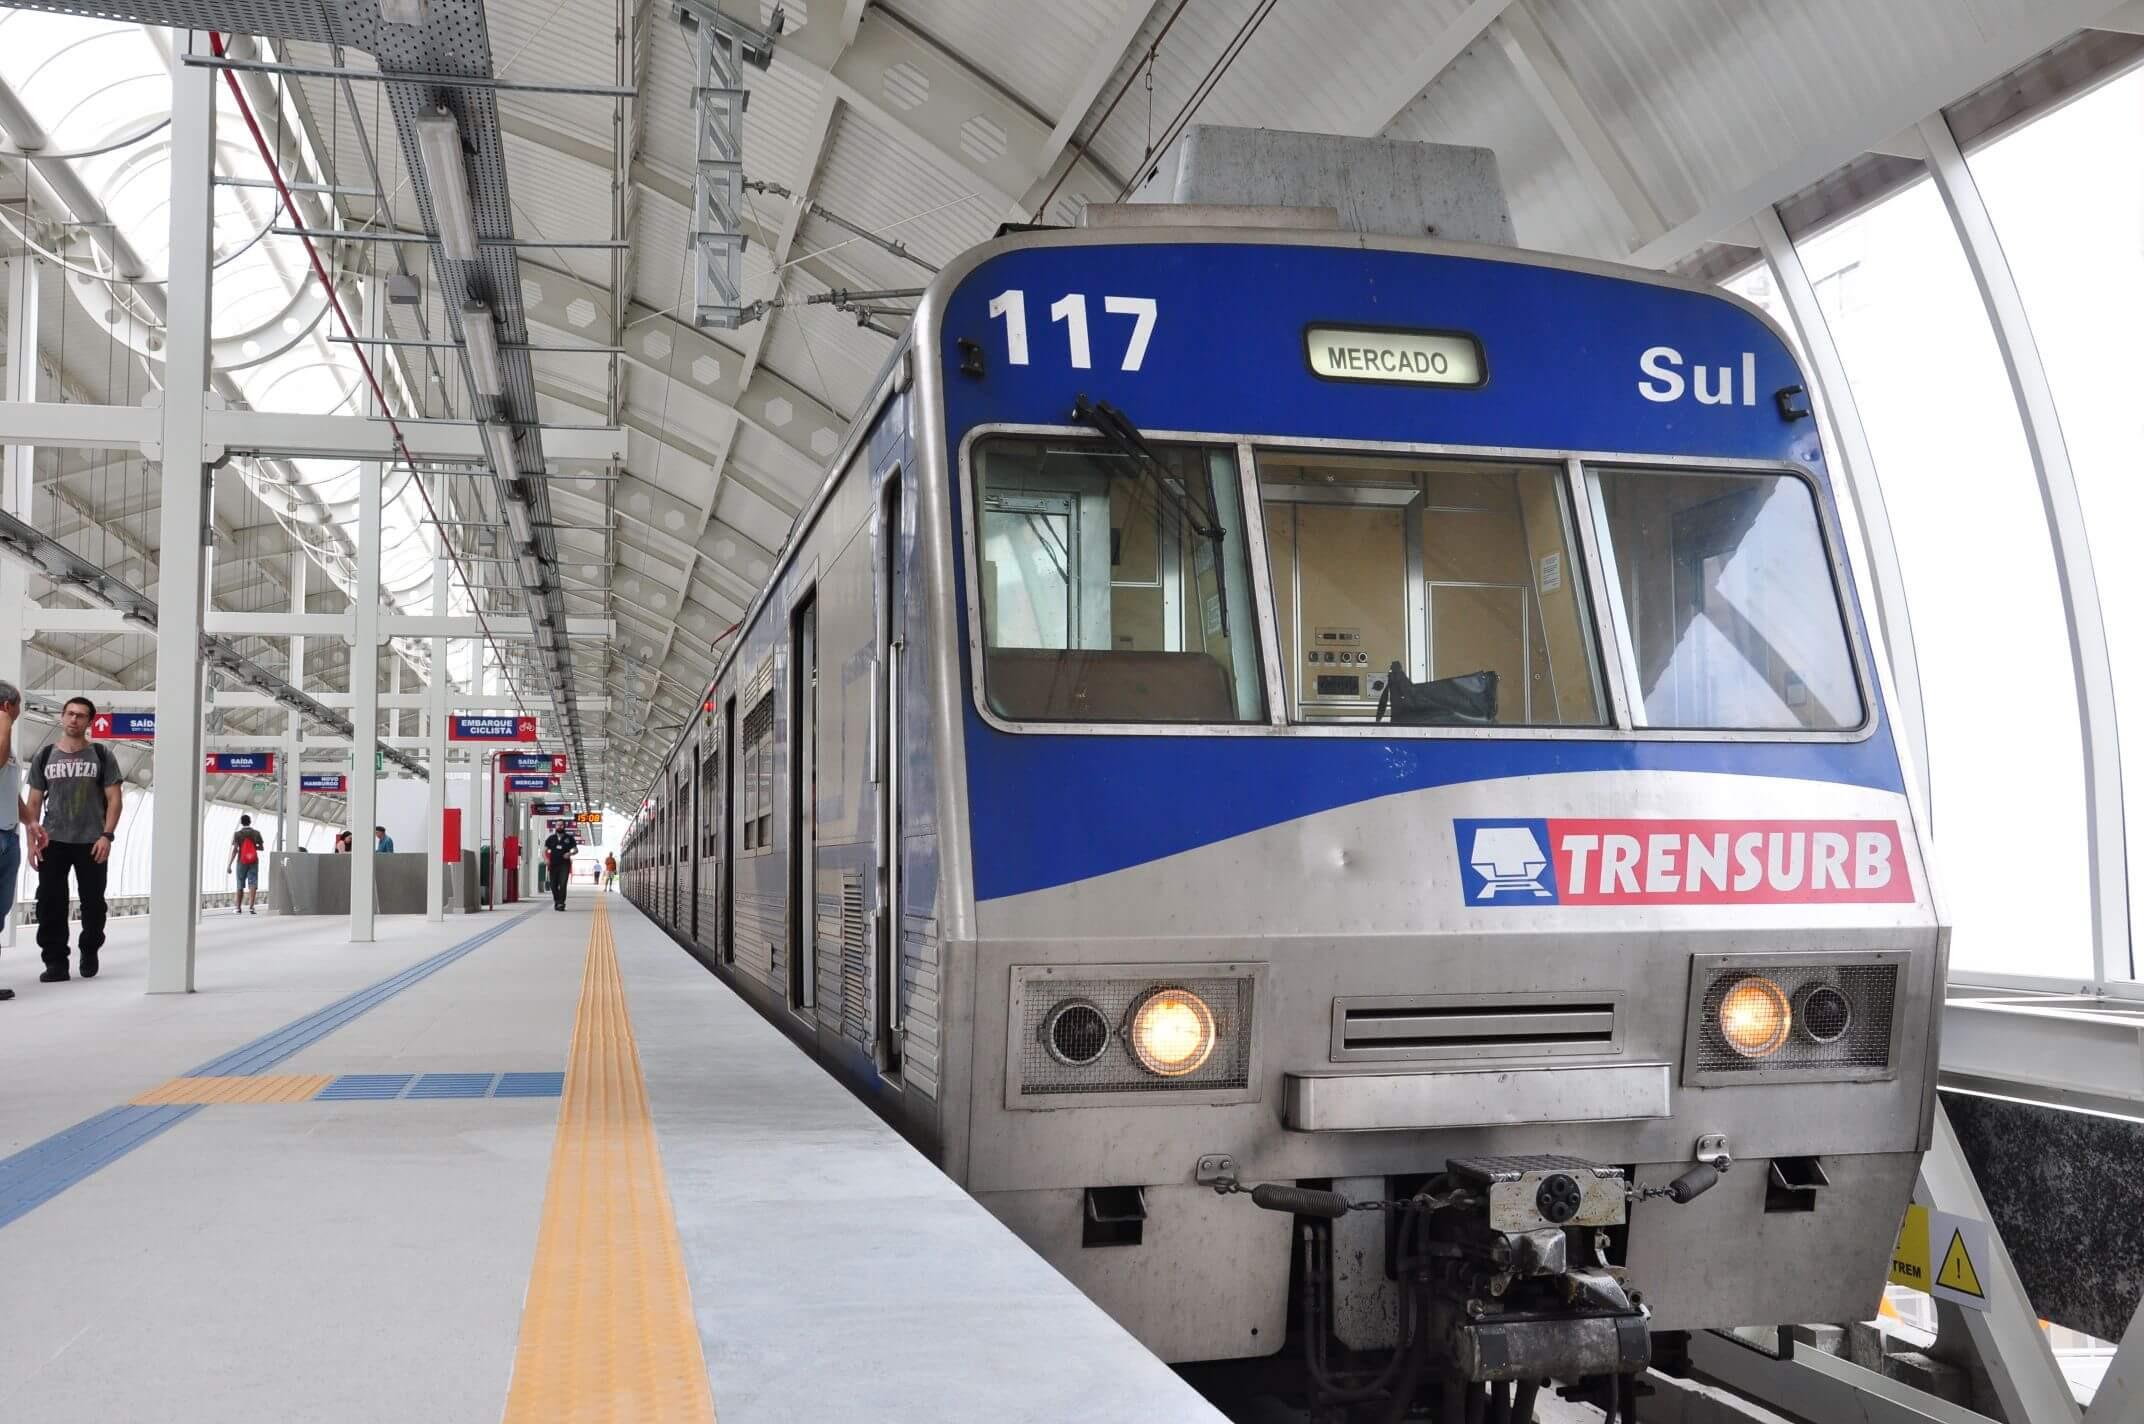 Concurso Trensurb-RS pode não ocorrer (Foto: Emilene Lopes)